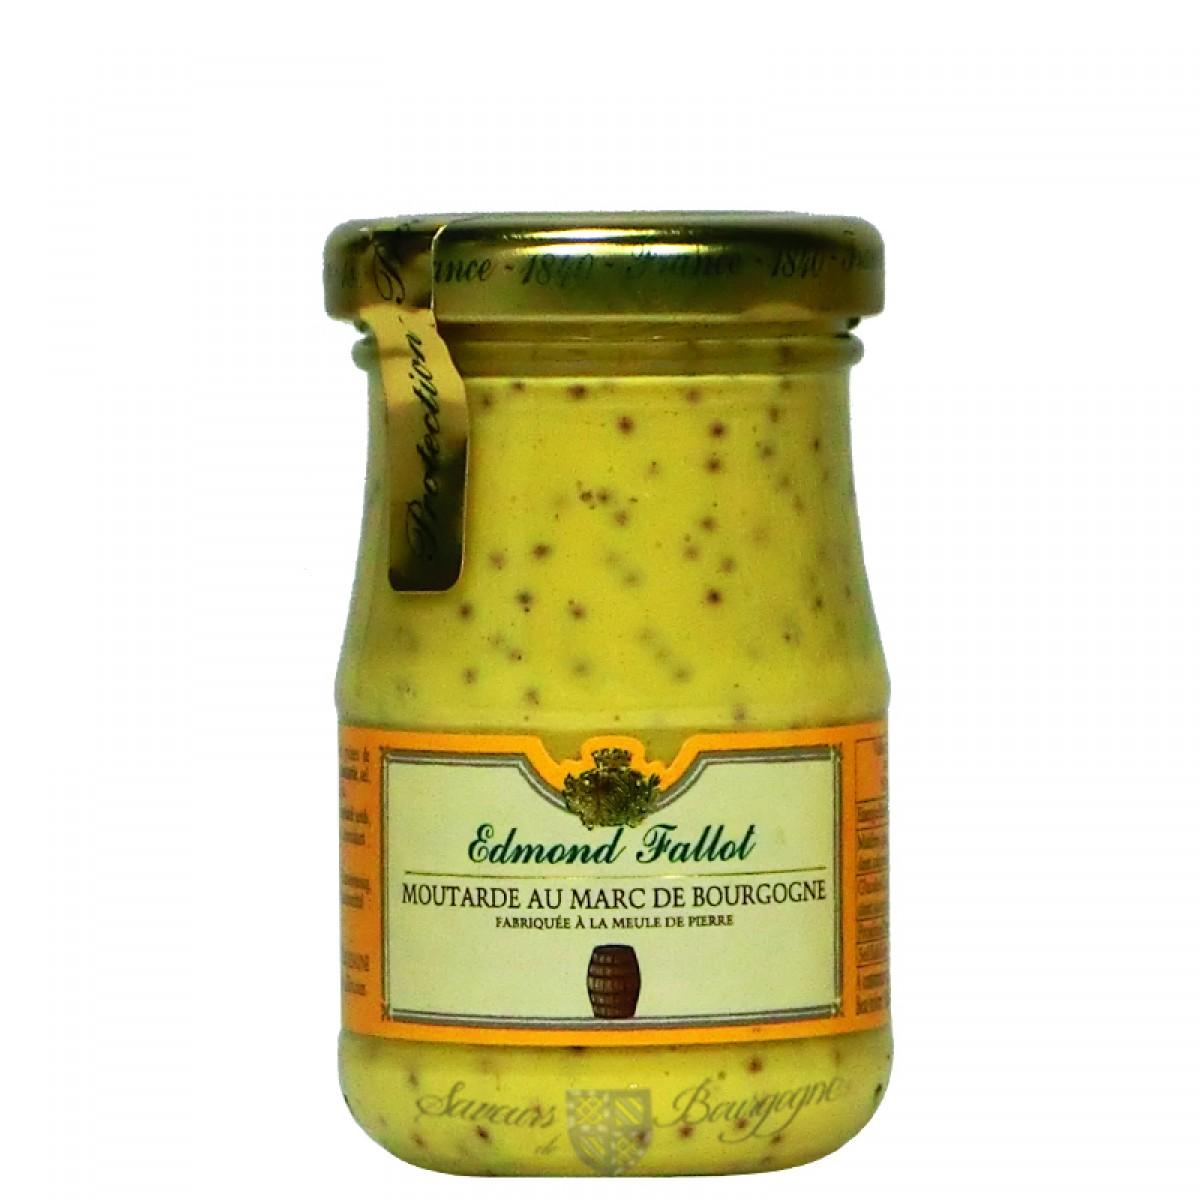 Moutarde au marc de bourgogne 100g fallot saveurs de bourgogne produits du terroir for Model de cuisine dijon